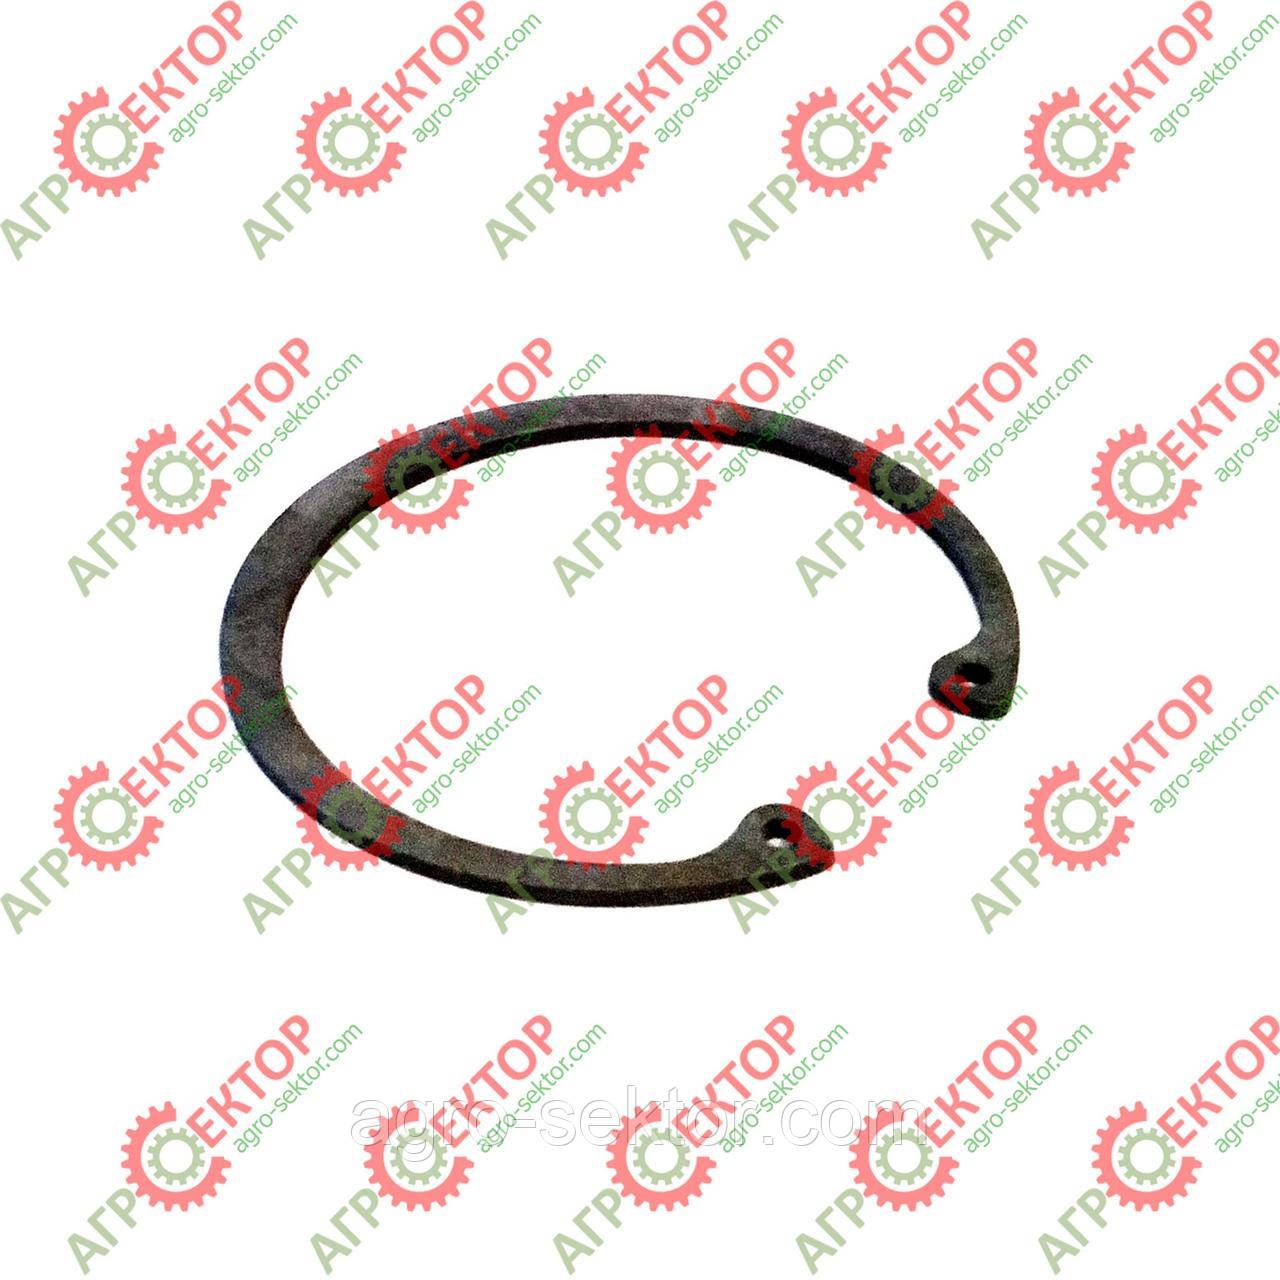 Кільце стопорне 55 мм внутрішне ступиці правої меншої на пресс-підборщик Sipma Z-224 0639-361-054